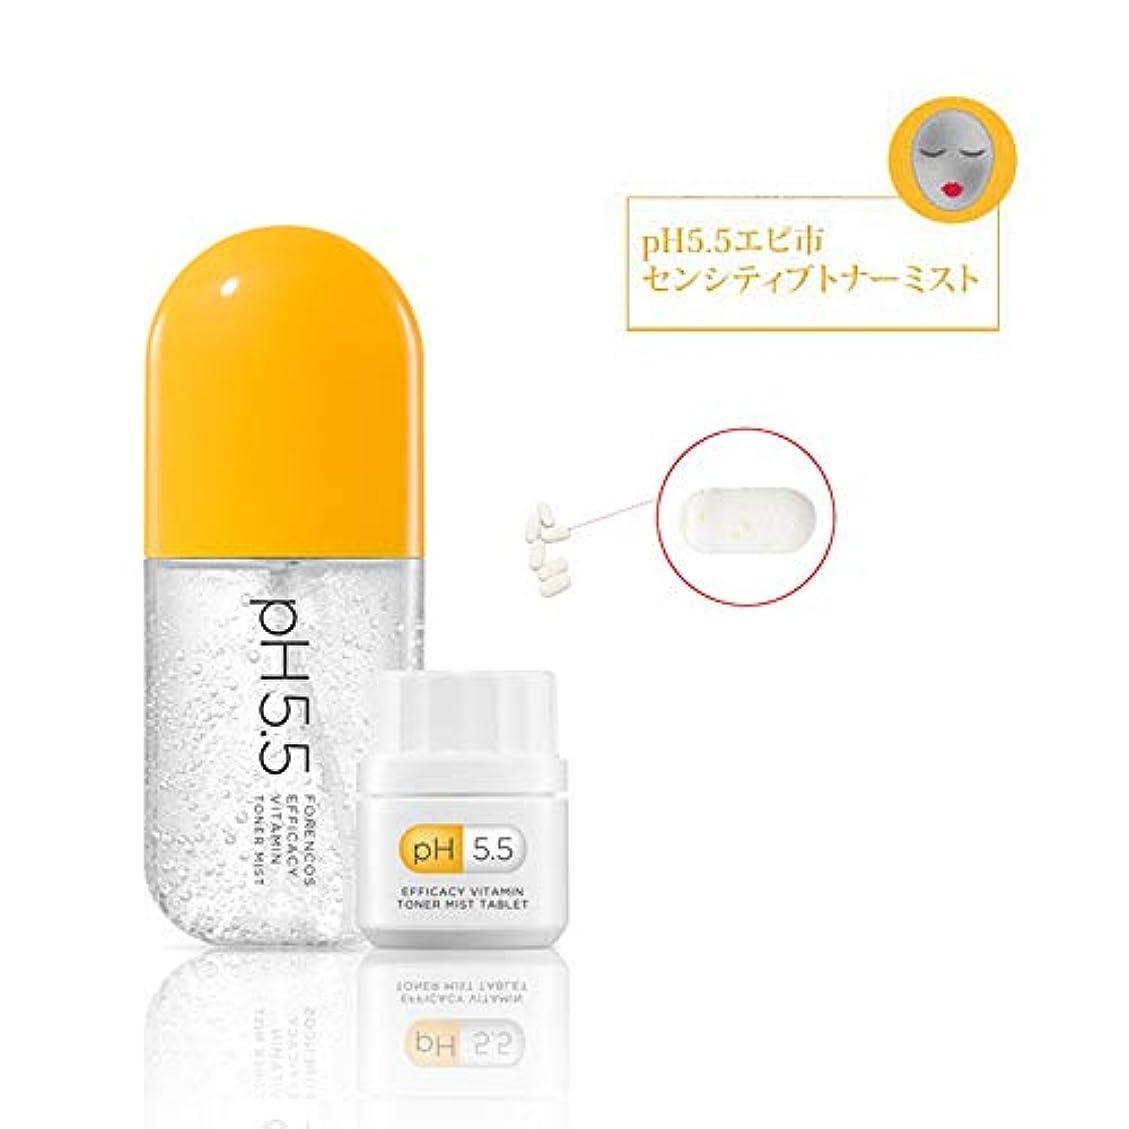 肘掛け椅子応じる寝てる[FORENCOS] pH5.5 ビタミン効果型化粧水スプレー/pH 5.5 Efficacy Toner Mist (1g*10ea) 1 Pack #Vitamin